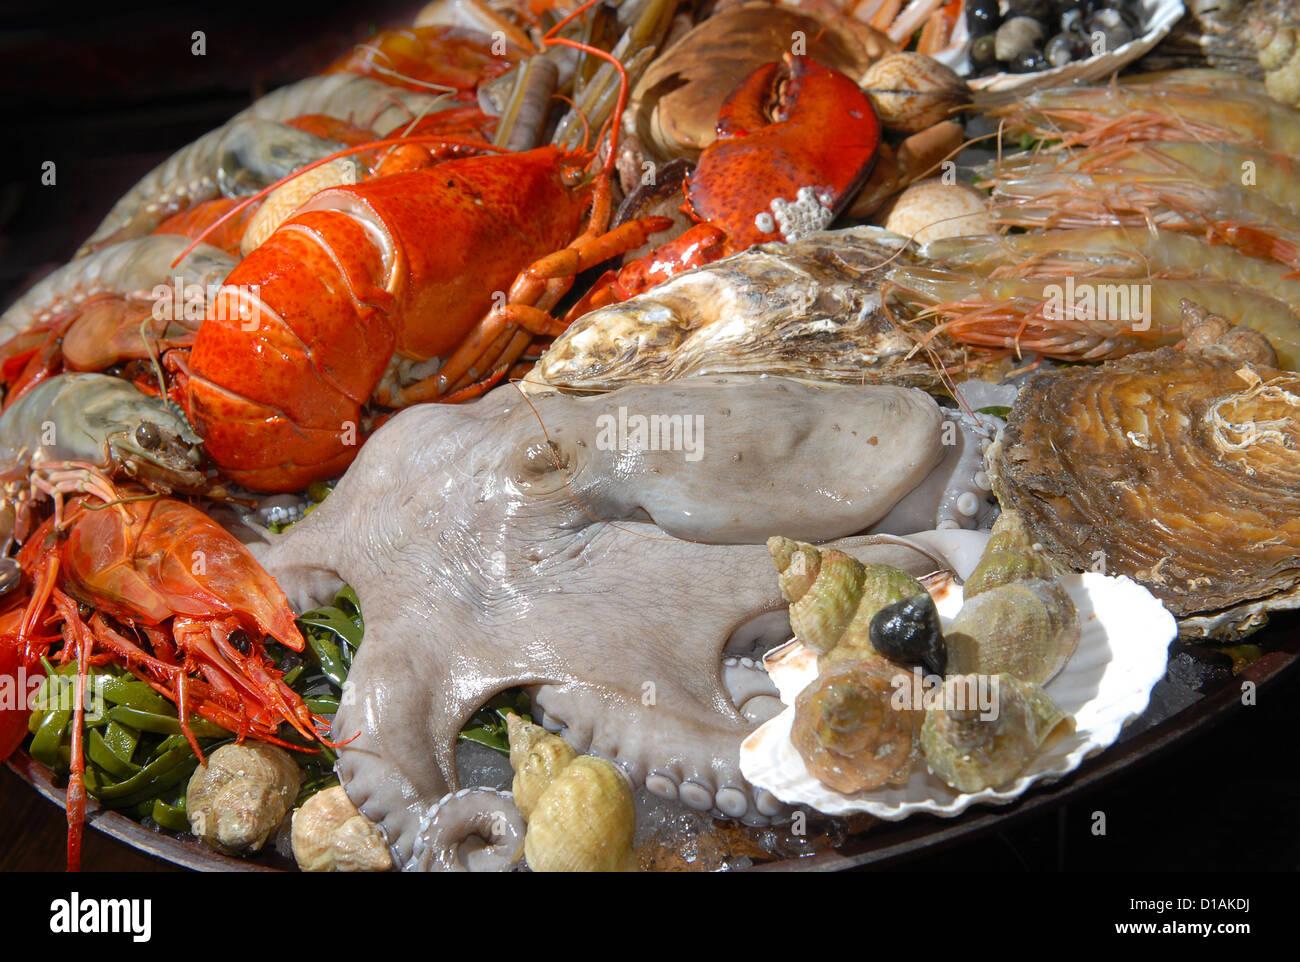 Fresh seafood on the big plate - Stock Image